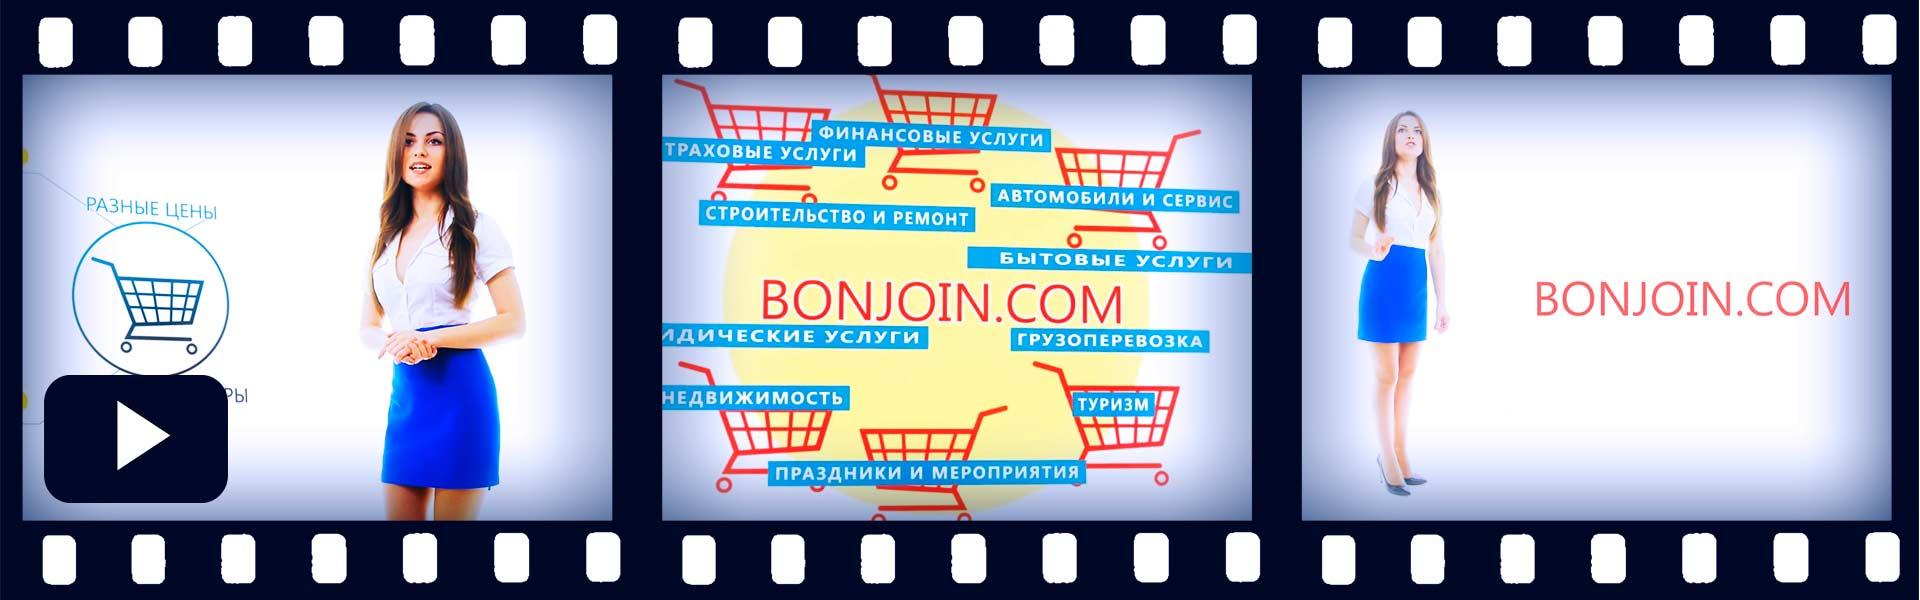 Рекламный ролик для сайта bonjoin.com